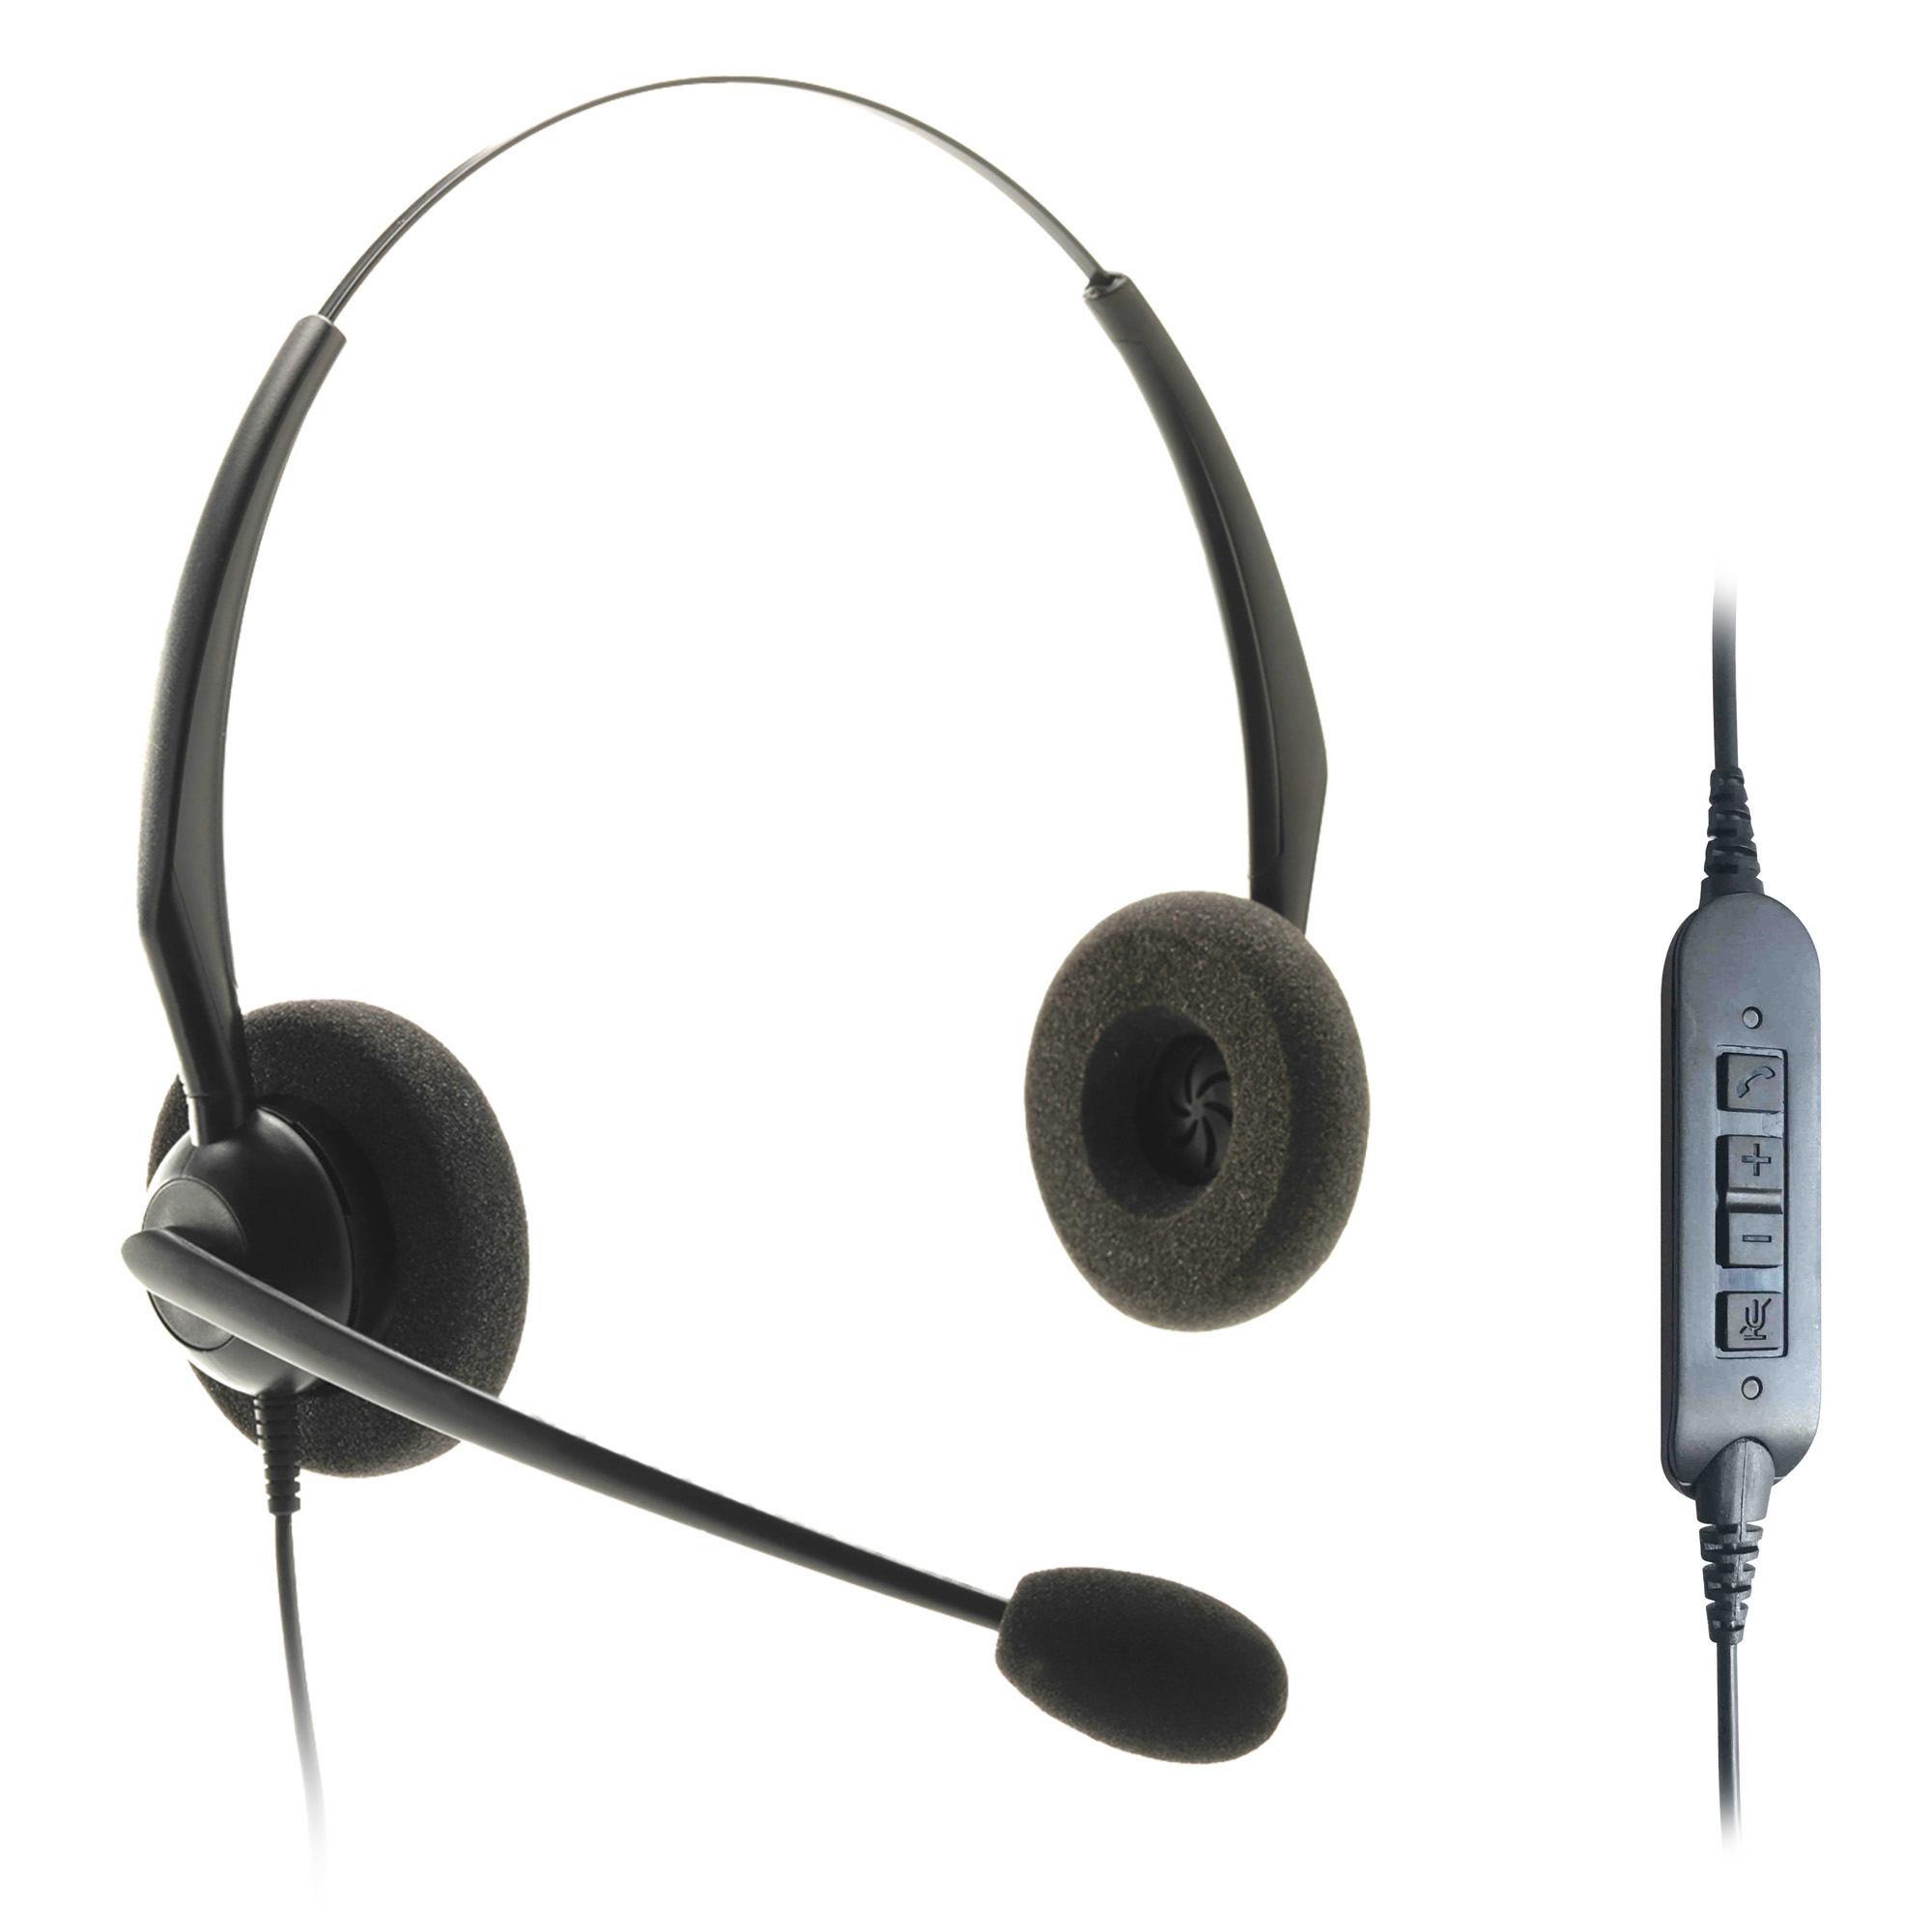 2478765-JPL-JAC-PLUS-BIN-HEADSET-USB